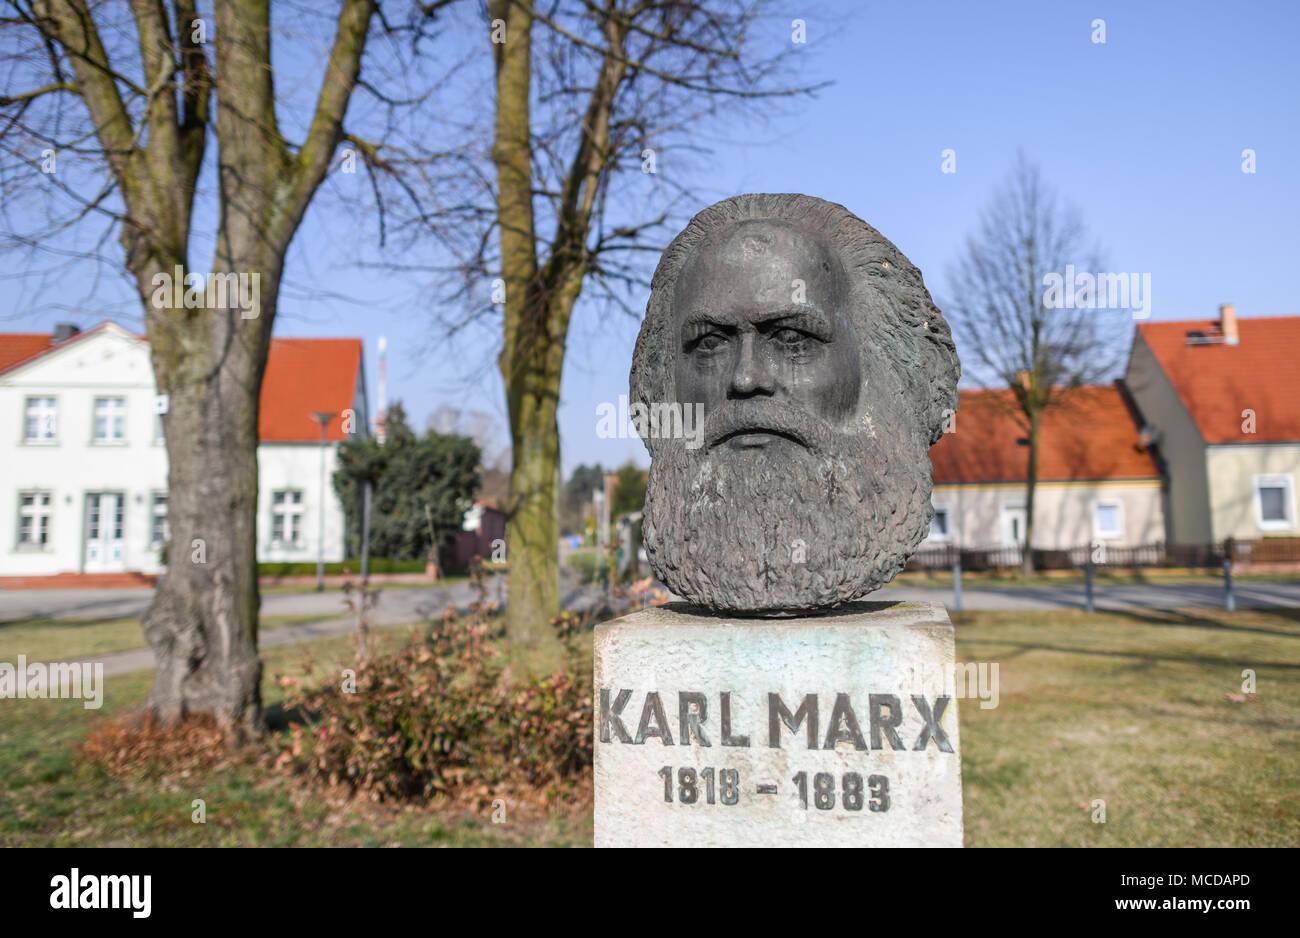 Il 10 aprile 2018, Germania, Neuhardenberg: un busto del filosofo tedesco, economista e teorico sociale Karl Marx (Maggio 05, 1818 - marzo, 14, 1883) è sul display. La città di Neuhardenberg previoulsy era noto come Marxwalde chiamato dopo Karl Marx durante la RDT era. Foto: Patrick Pleul/dpa-Zentralbild/dpa Foto Stock